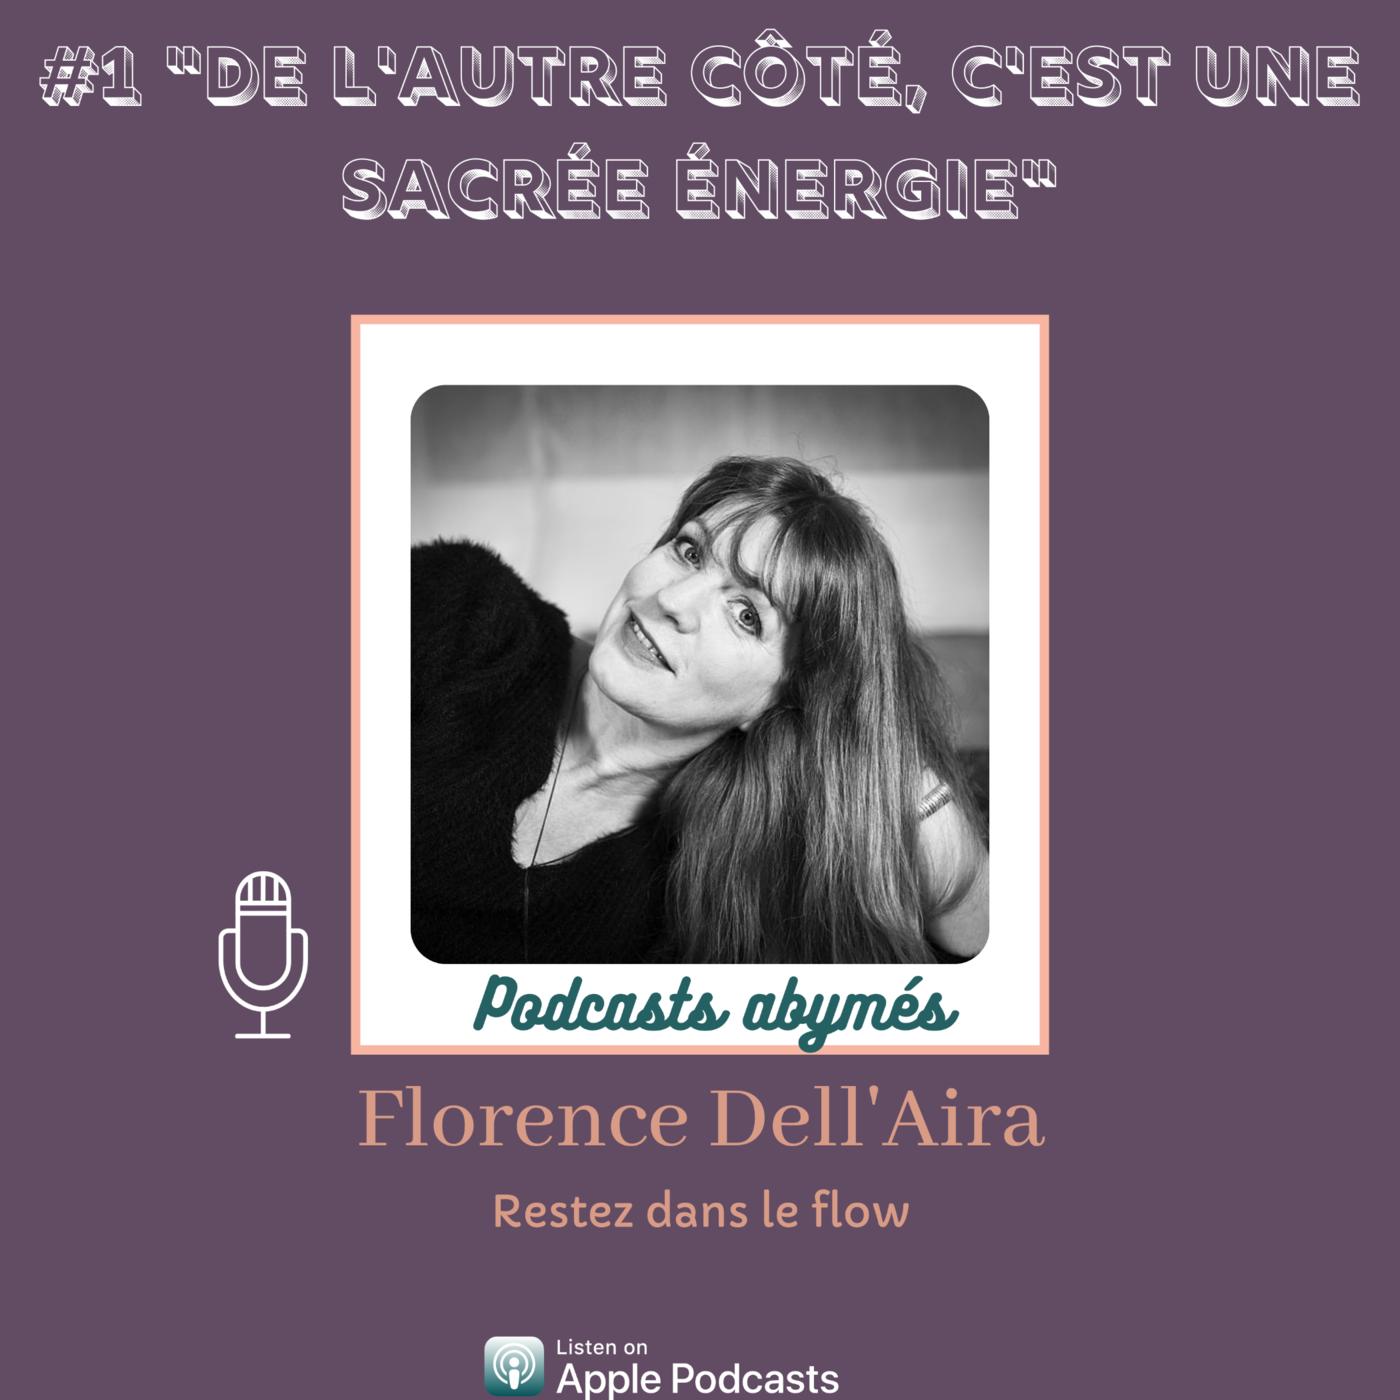 """#1 """"De l'autre côté, c'est une sacrée énergie"""" - Florence Dell'Aira de """"Restez dans le flow"""""""